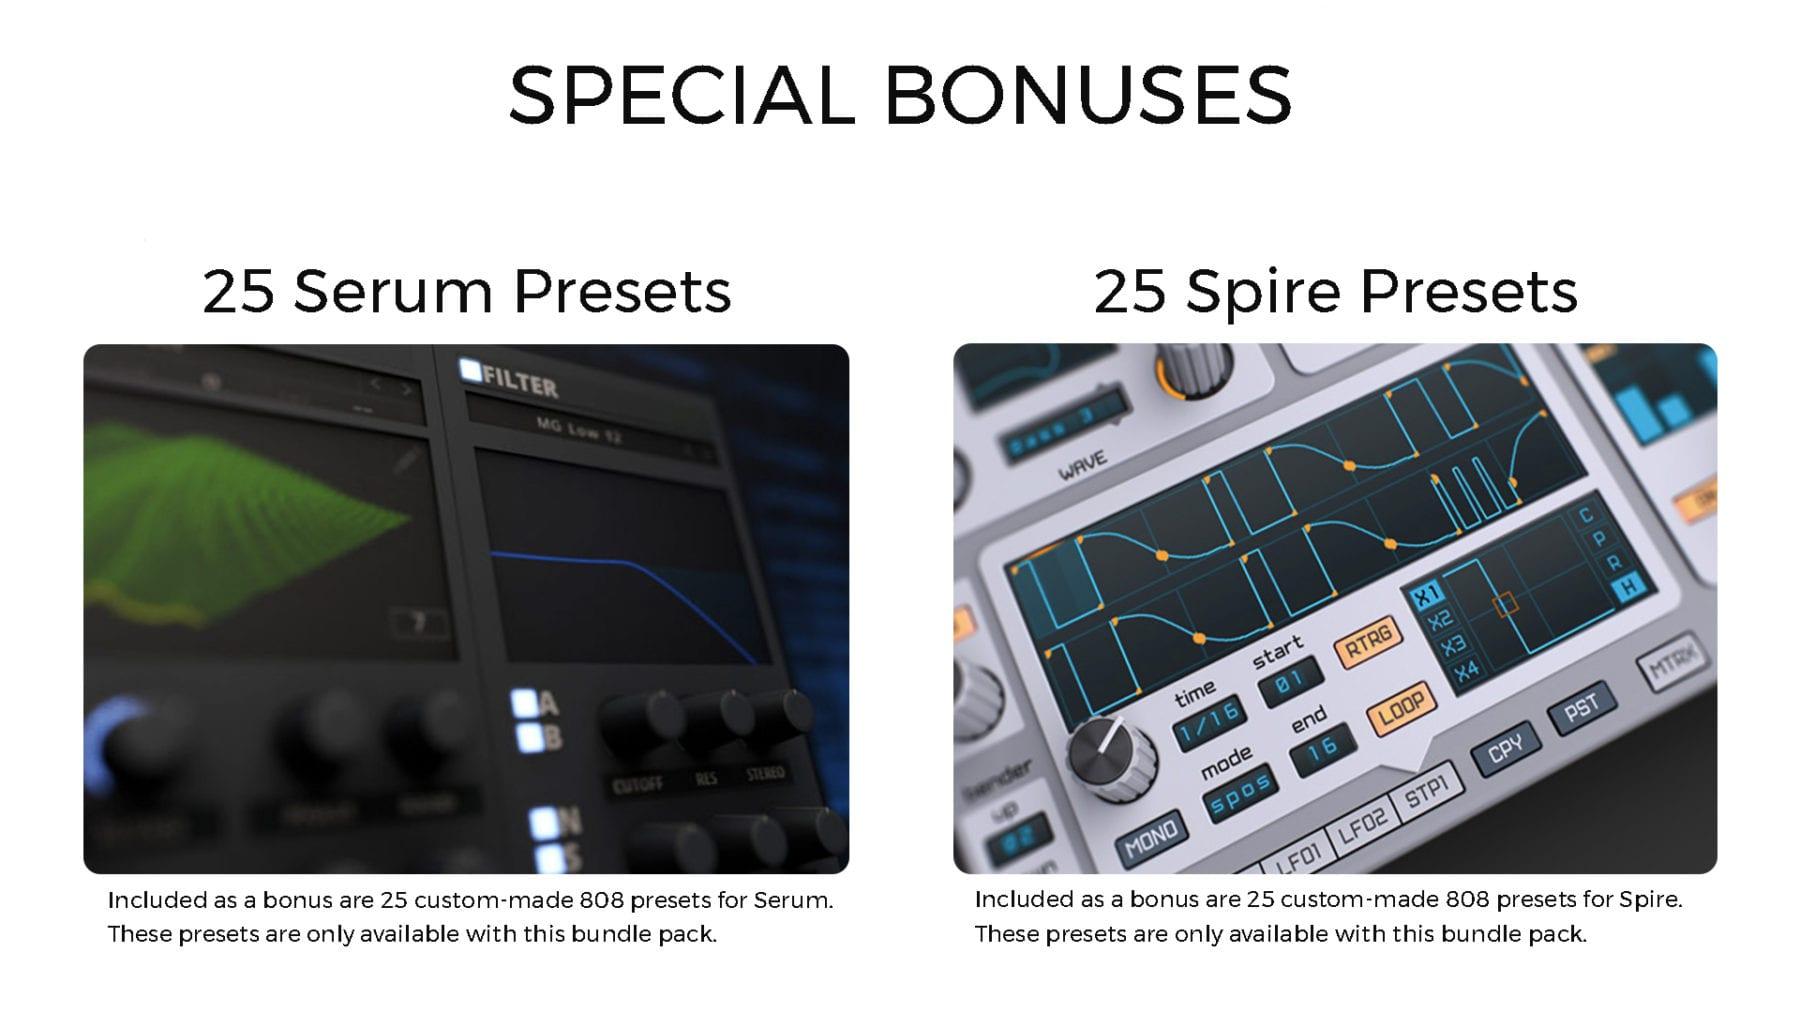 Bonuses For 808 Bundle Pack